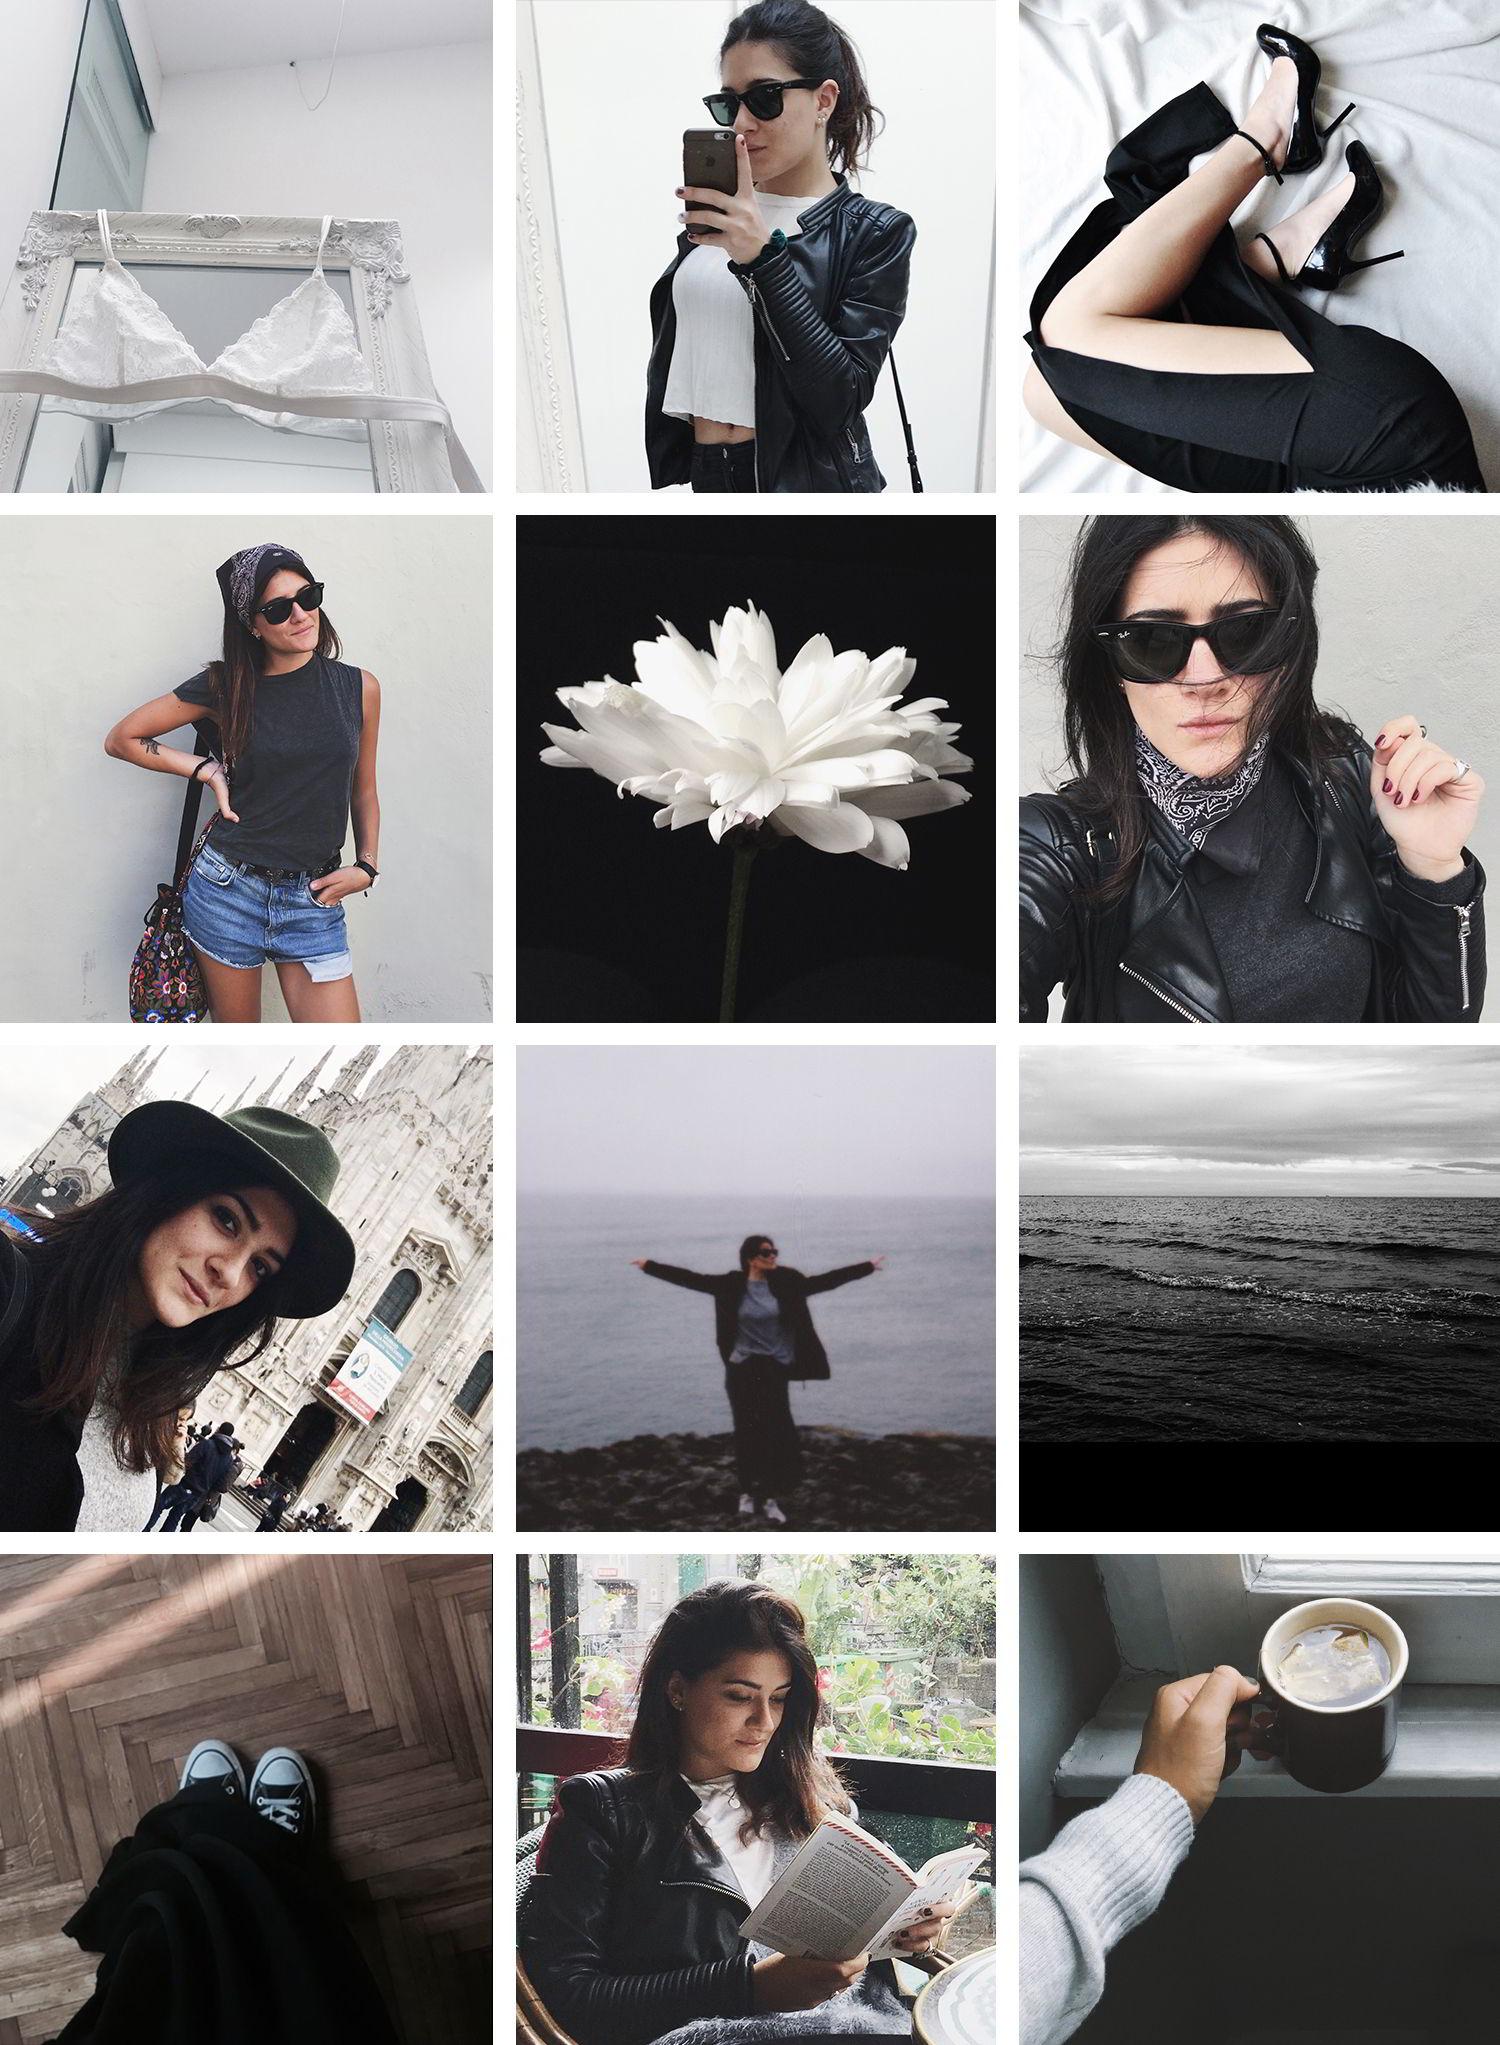 Dalani, Romanticismo, Moda, Casa, Passione, Ispirazione